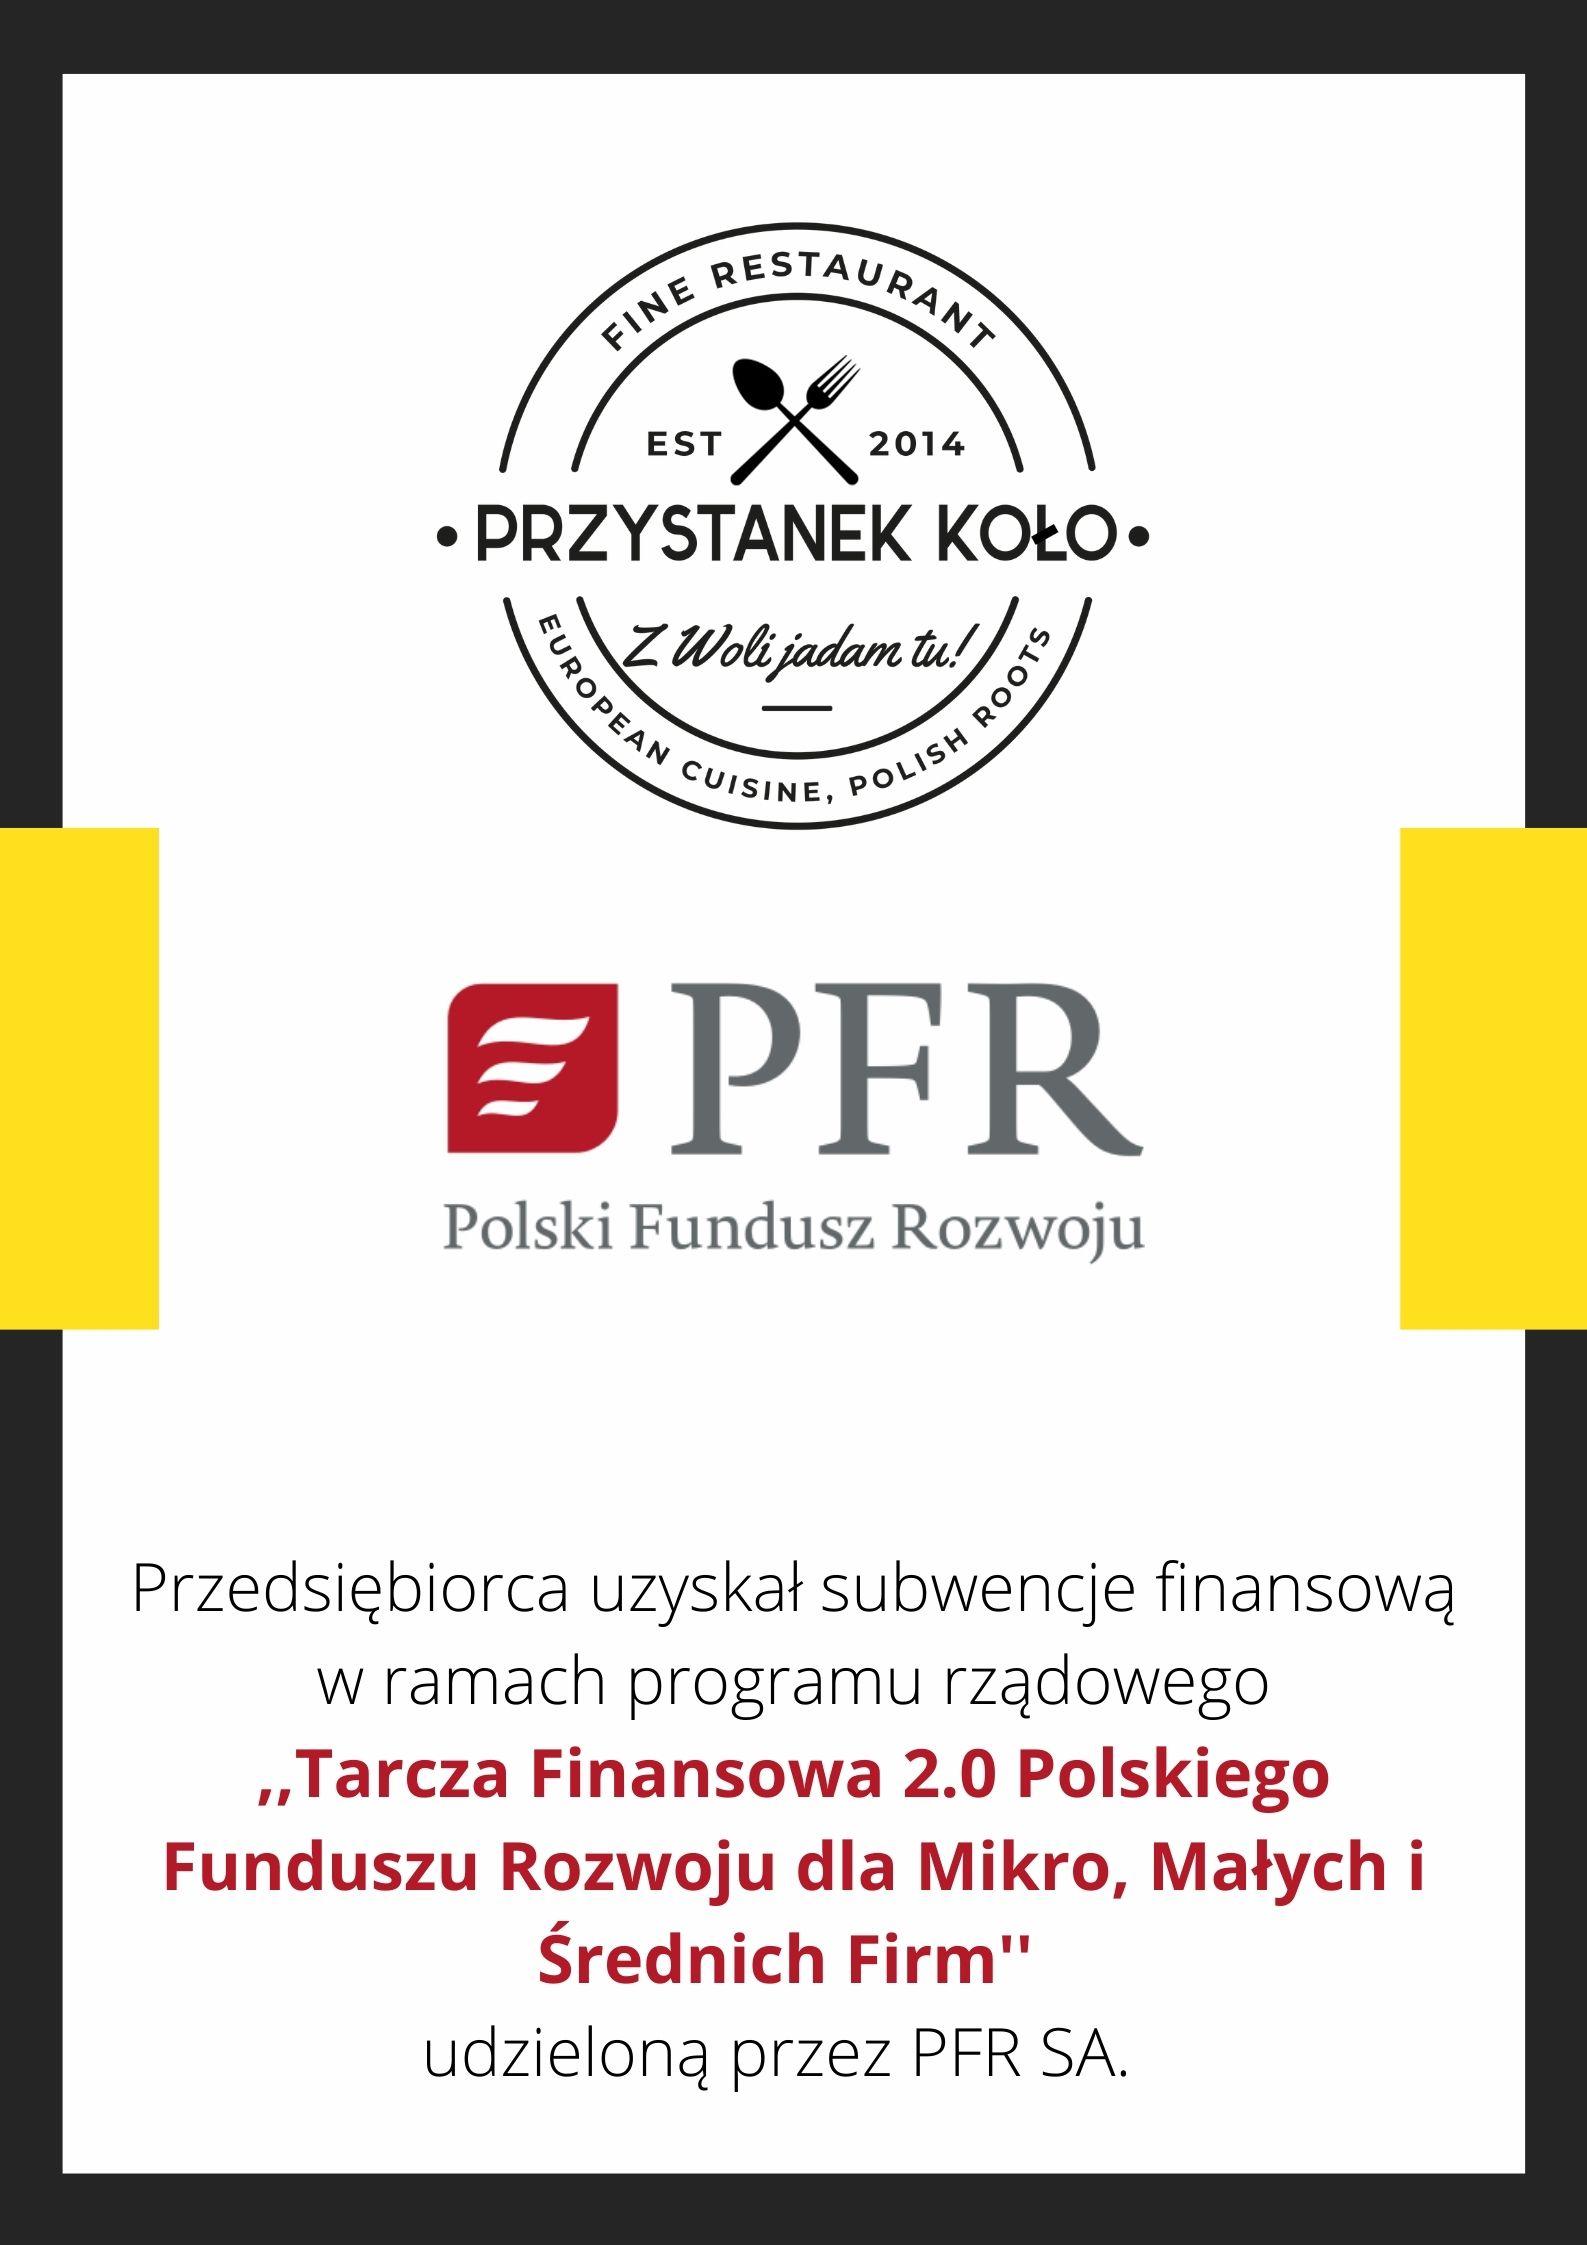 Przedsiębiorca uzyskał subwencję finansową z PFR